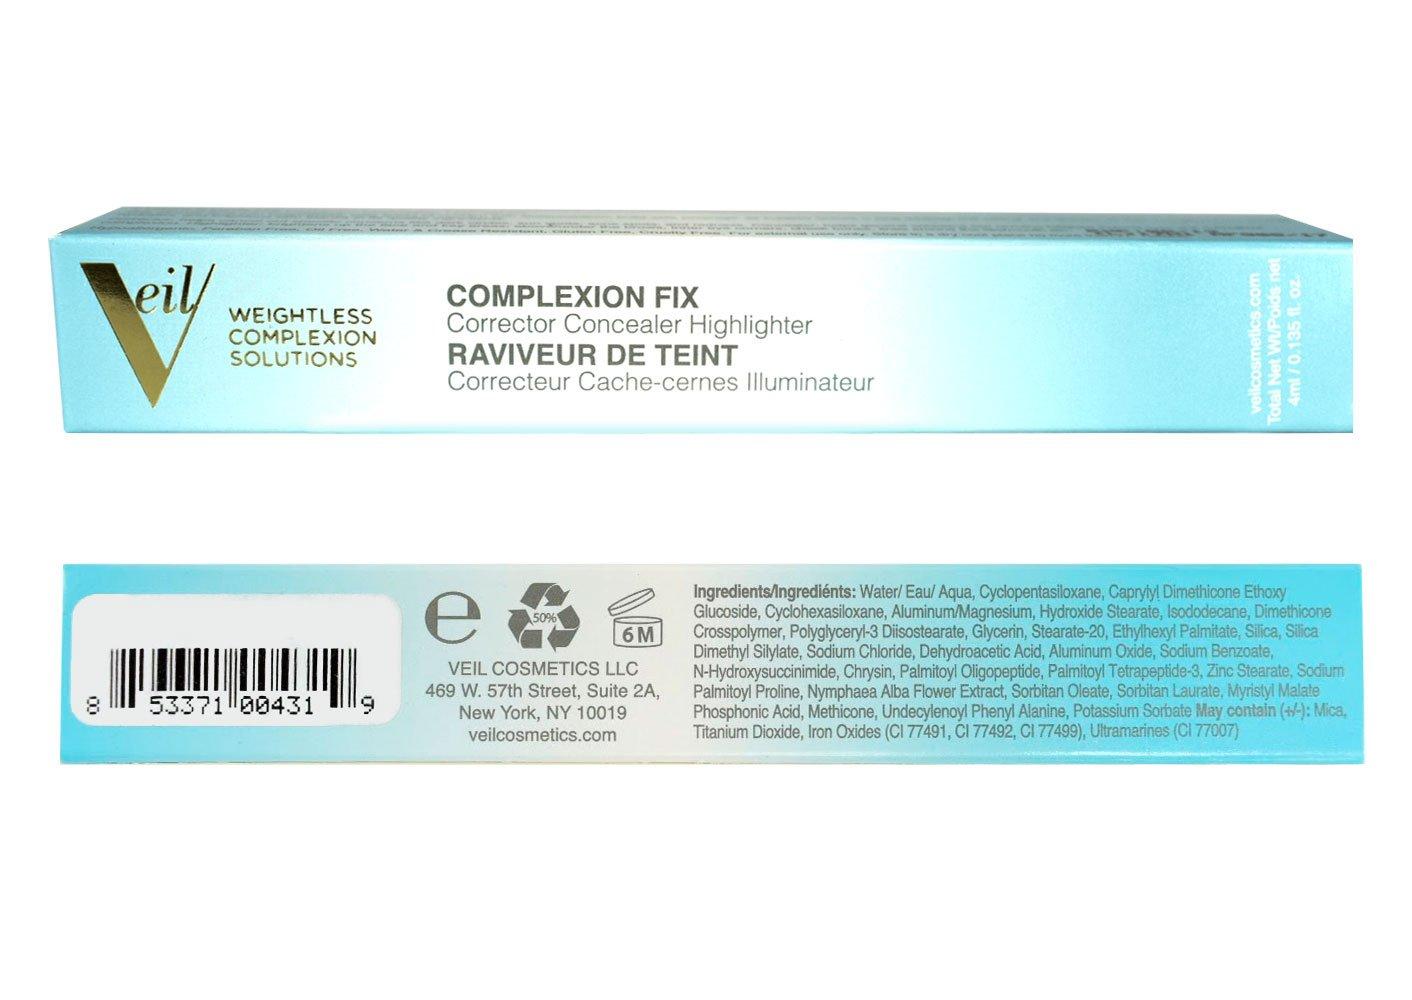 Veil Cosmetics COMPLEXION FIX (1G)